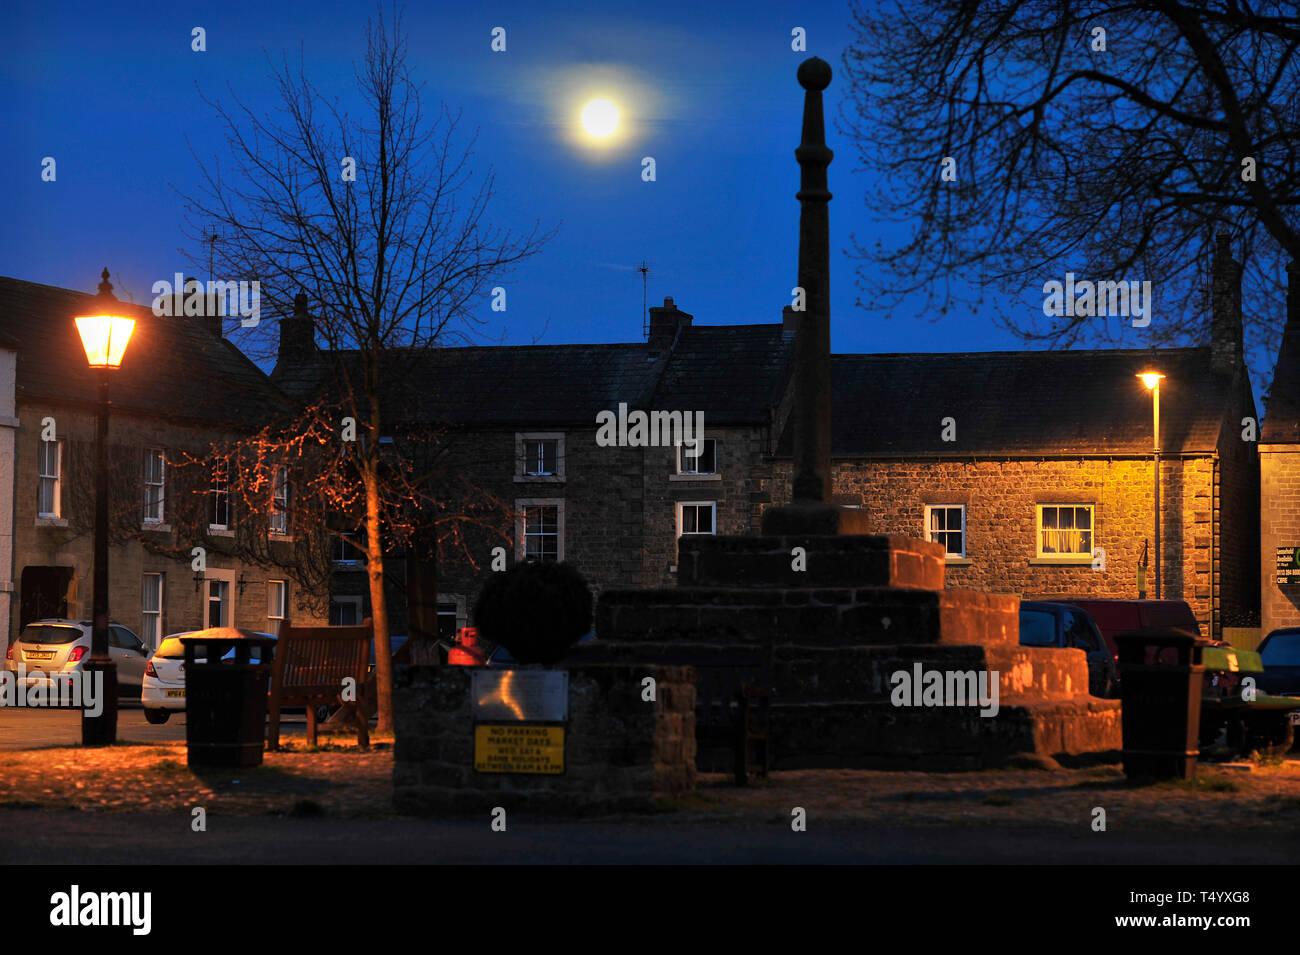 Market Square Masham North Yorkshire England UK - Stock Image